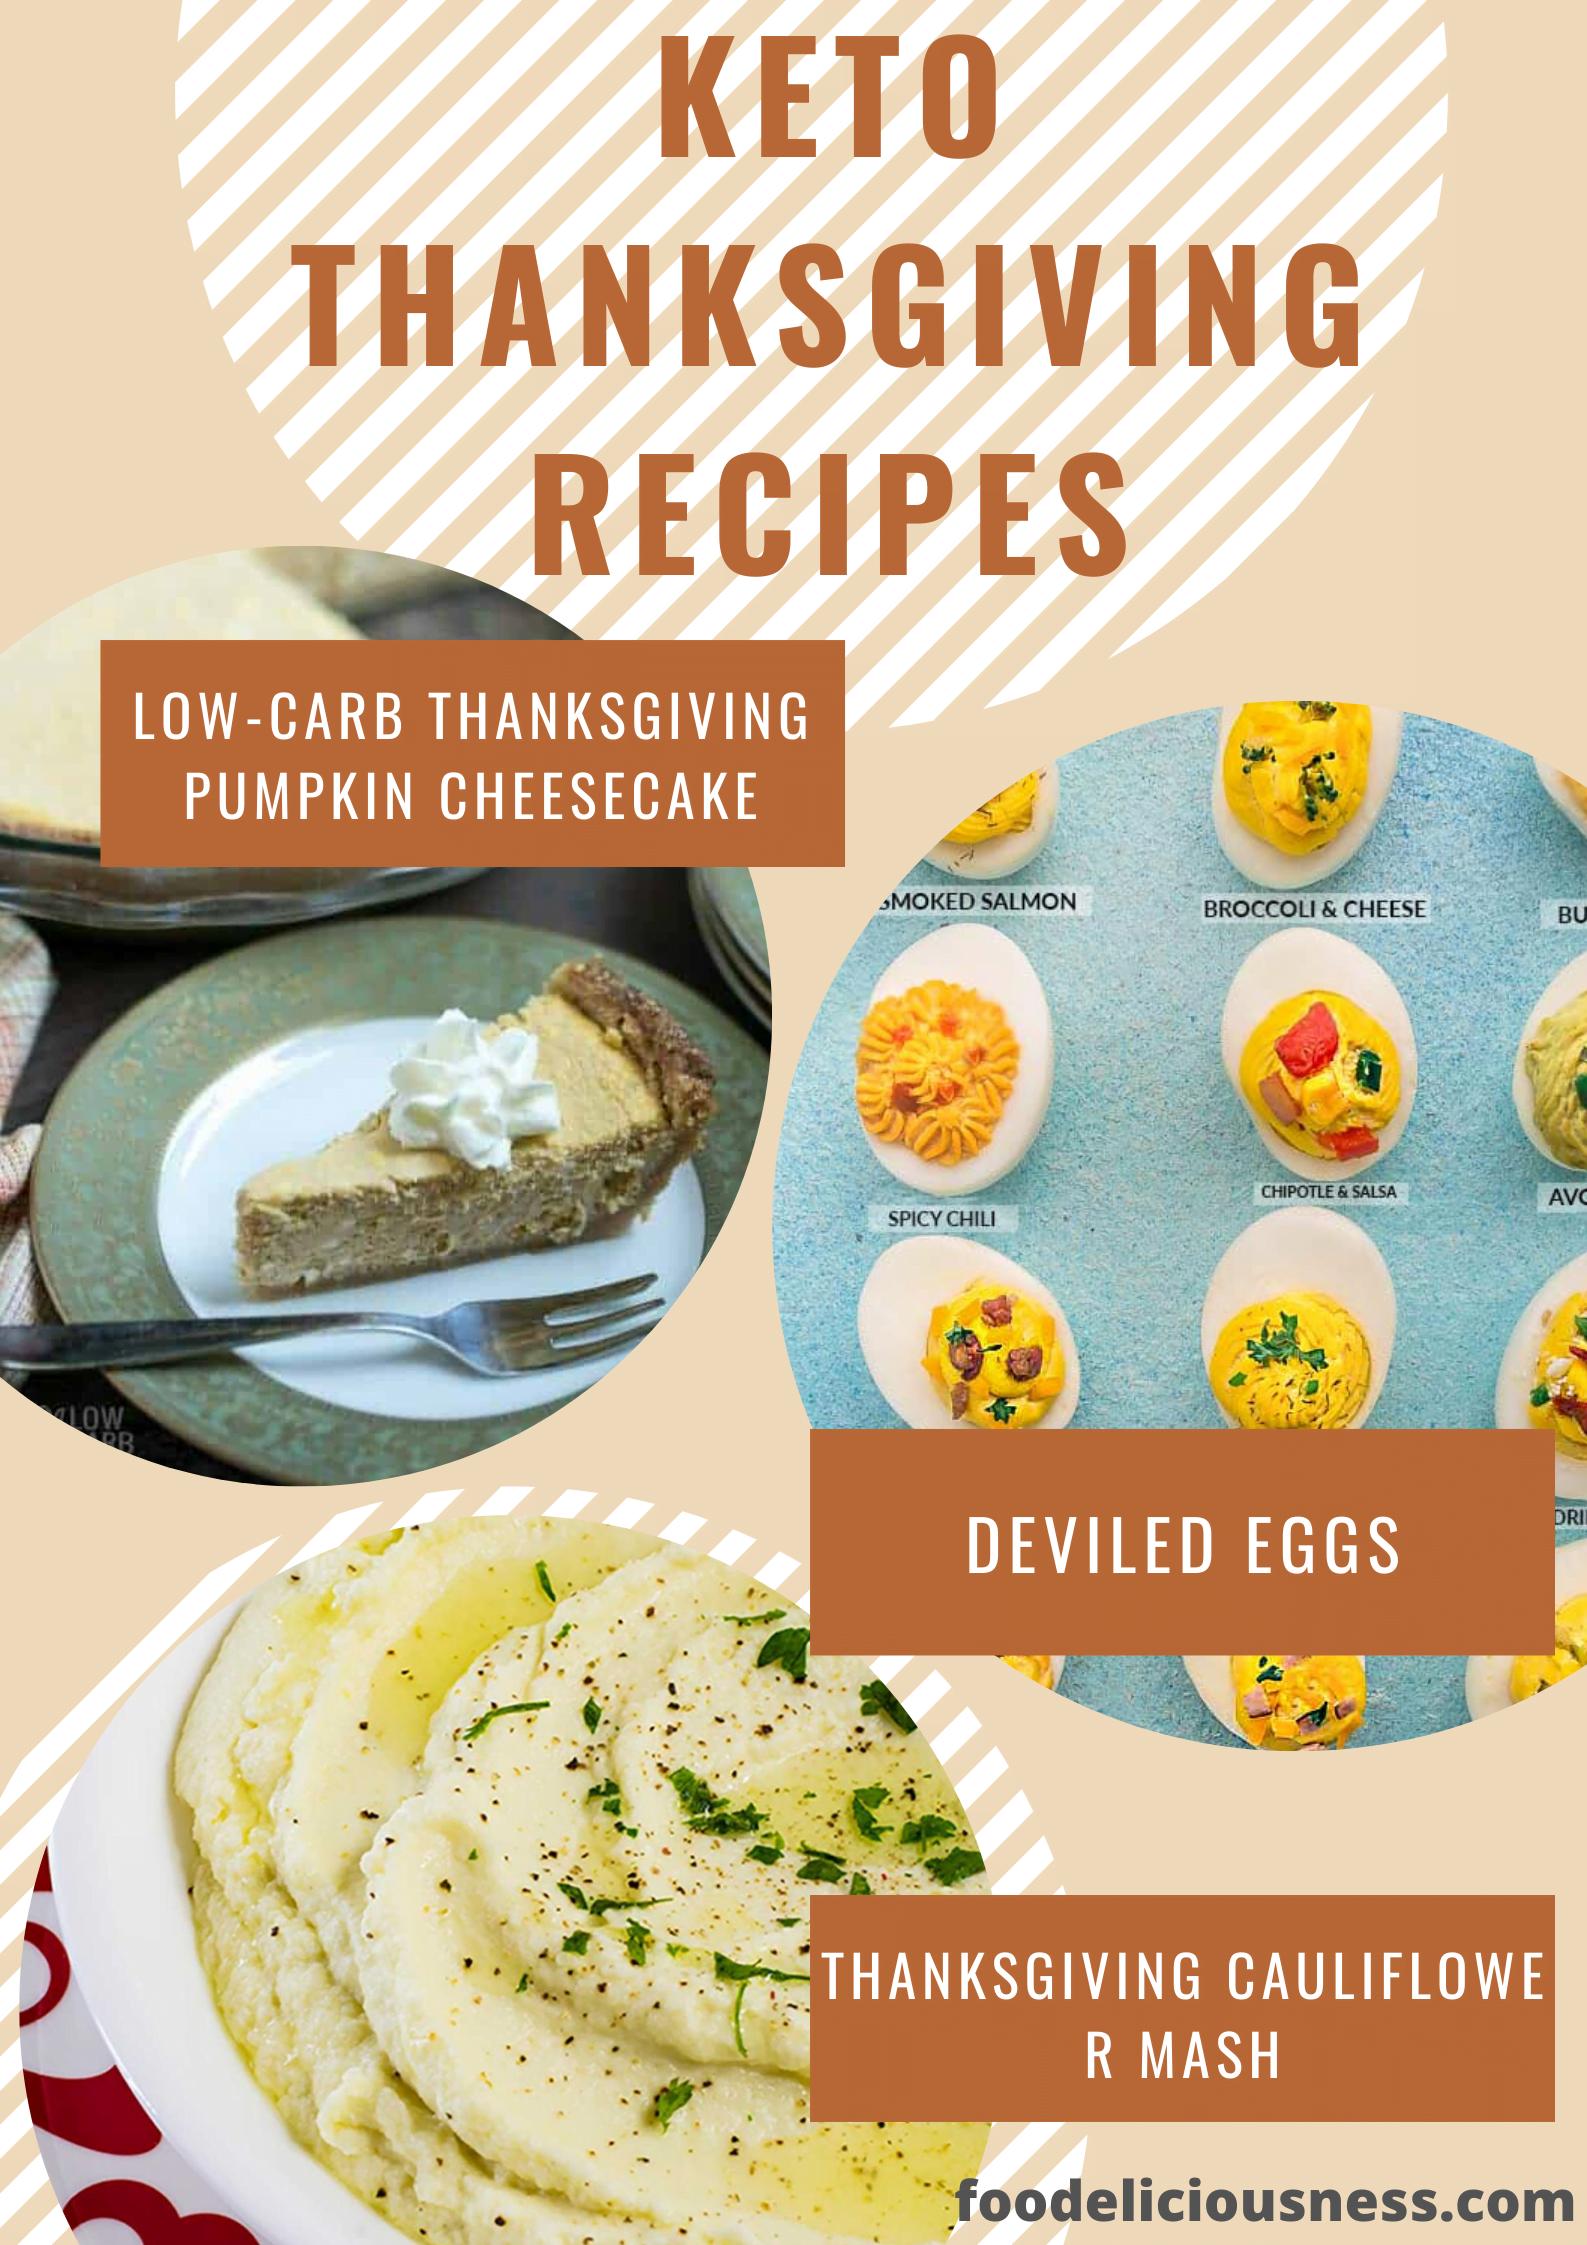 keto thanksgiving recipes 2